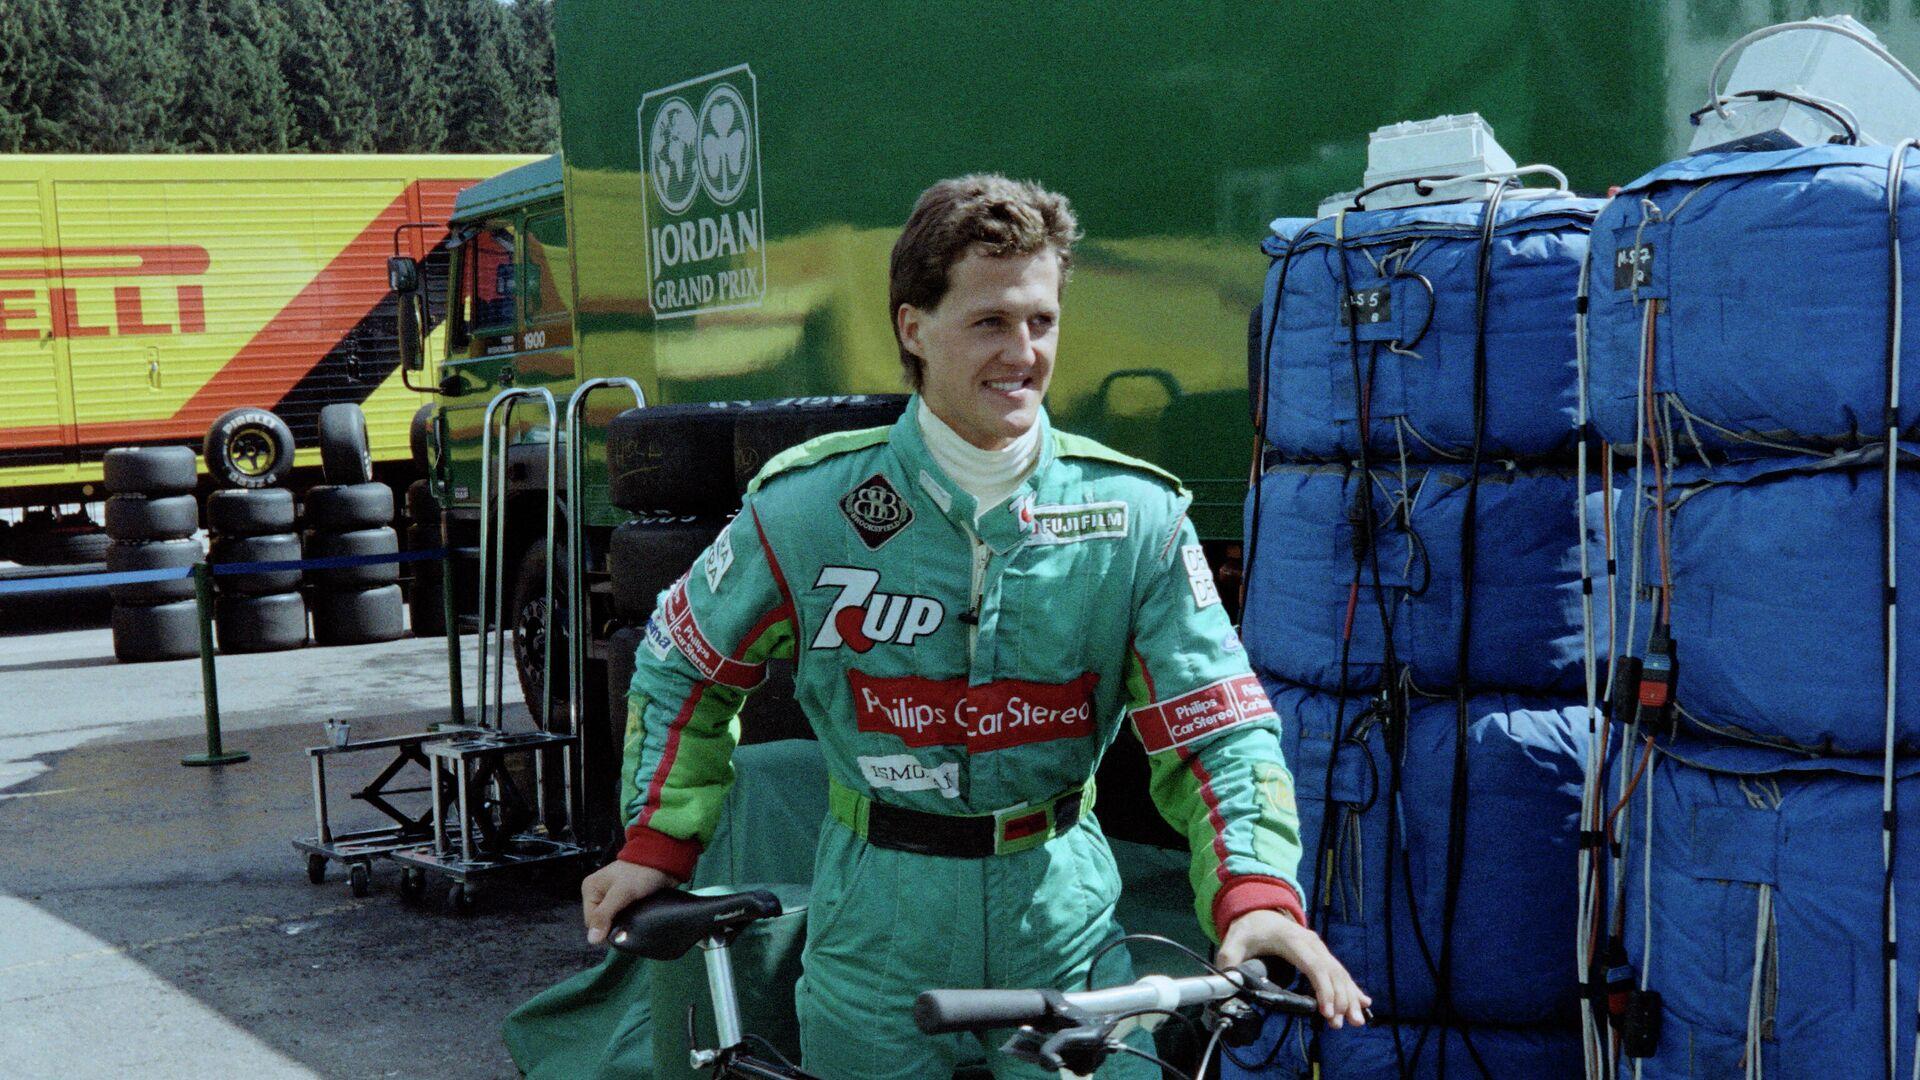 Михаэль Шумахер на Гран-при Бельгии 1991 года - РИА Новости, 1920, 08.06.2021